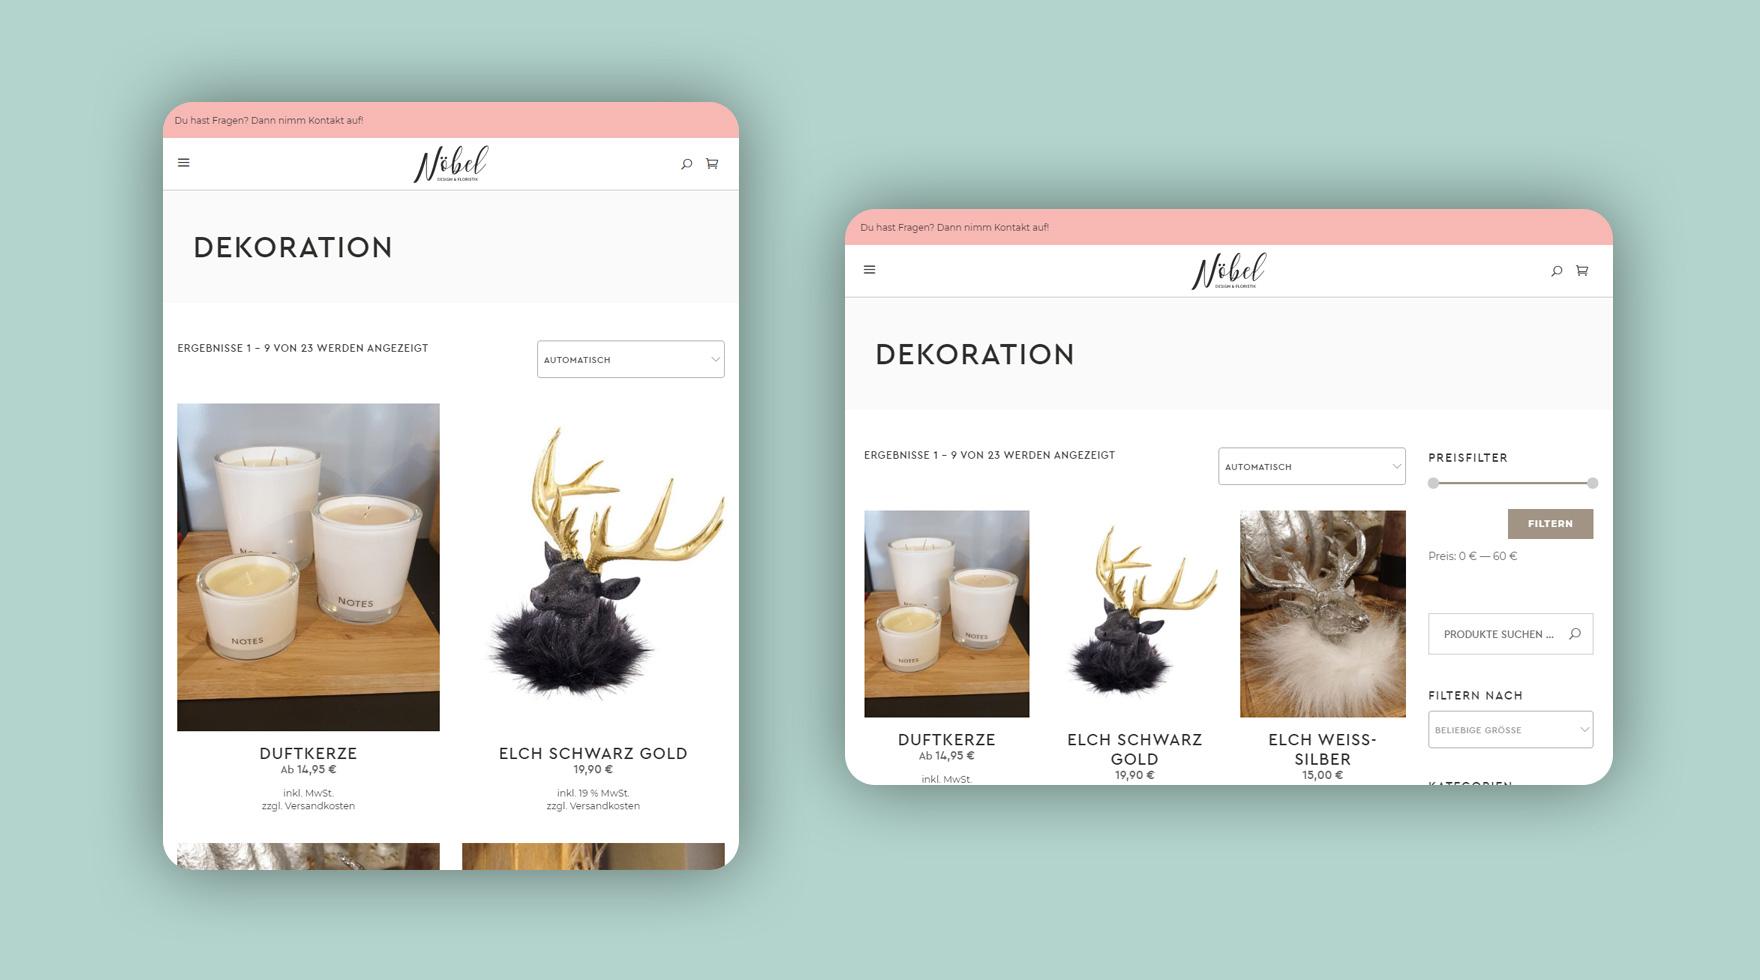 webdesign-online-shop-agentur-leipzig